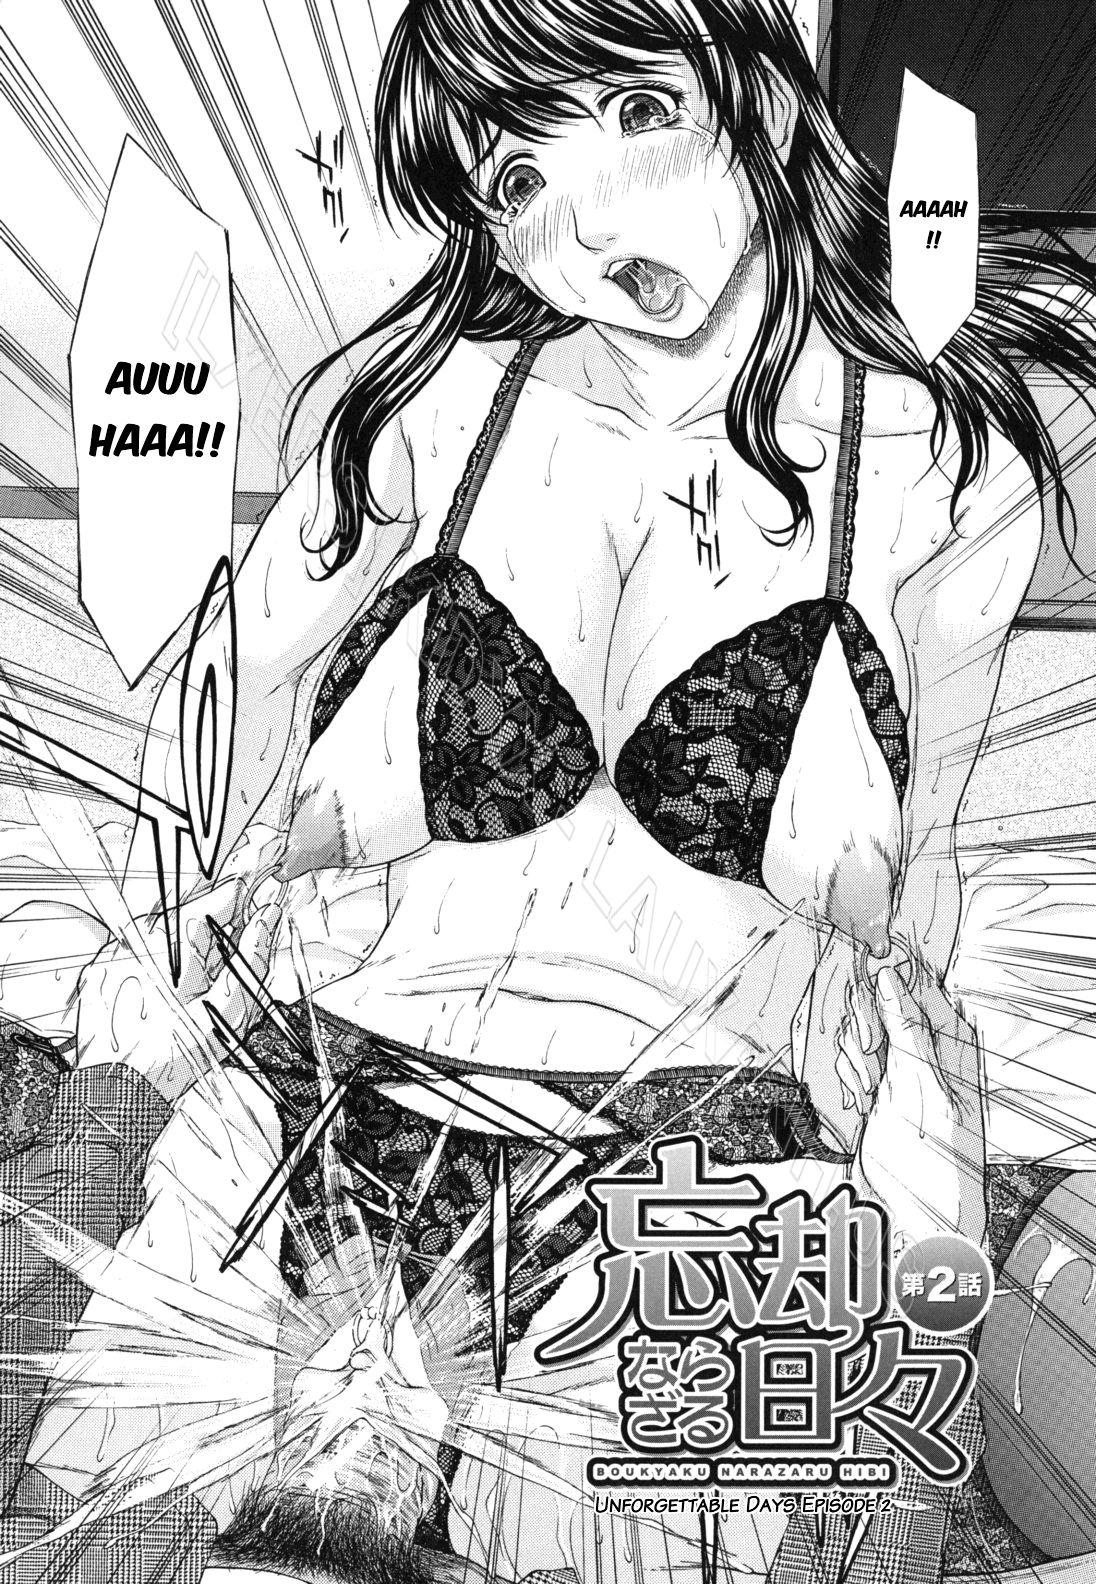 Hình ảnh nudity www.hentairules.net 037%2Bcopy trong bài viết Nong lồn em ra đi anh